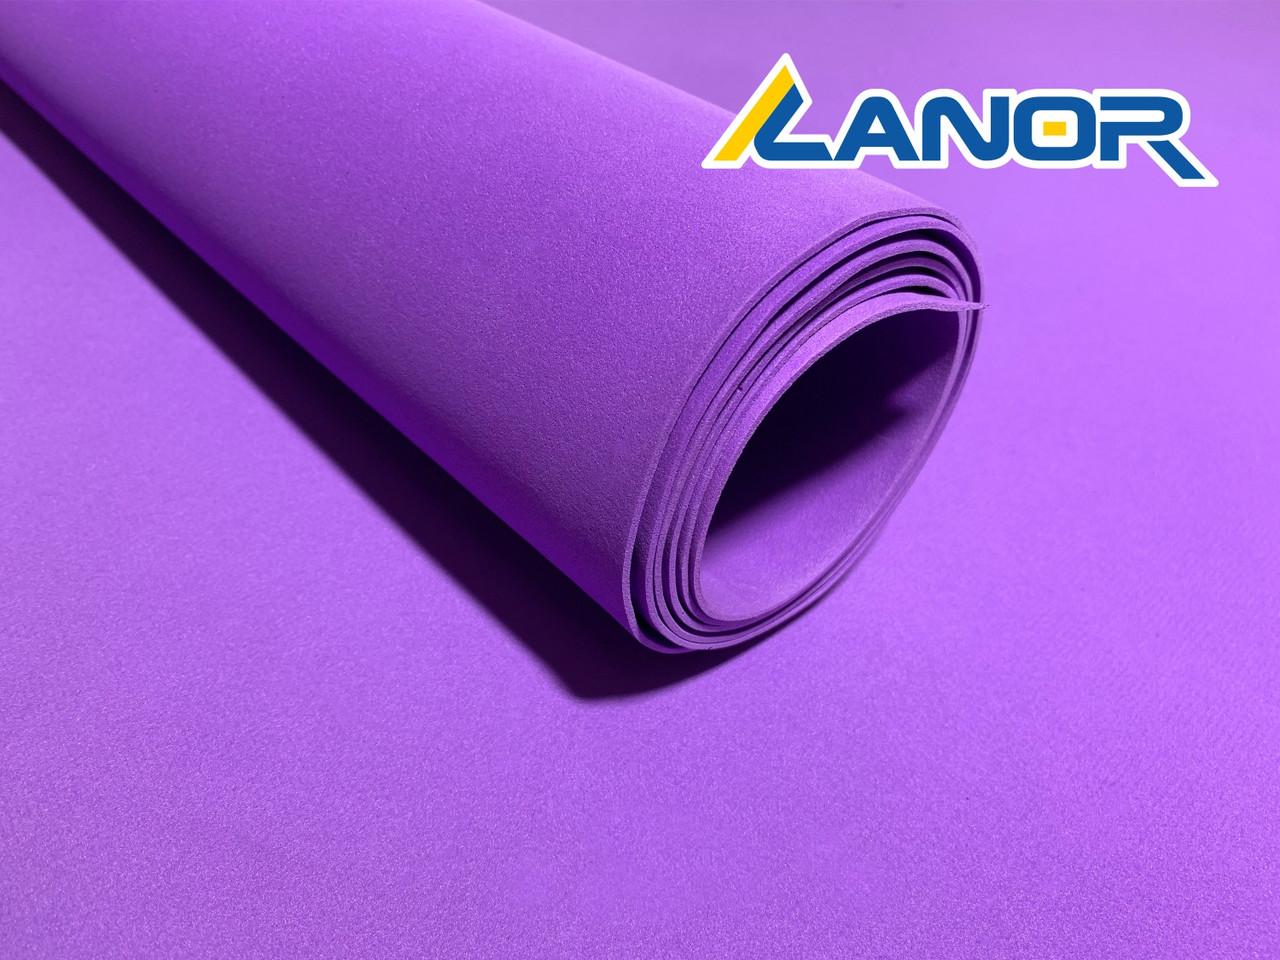 Lanor EVA 0075 лист 100*150см  (3мм) Фиолетовый